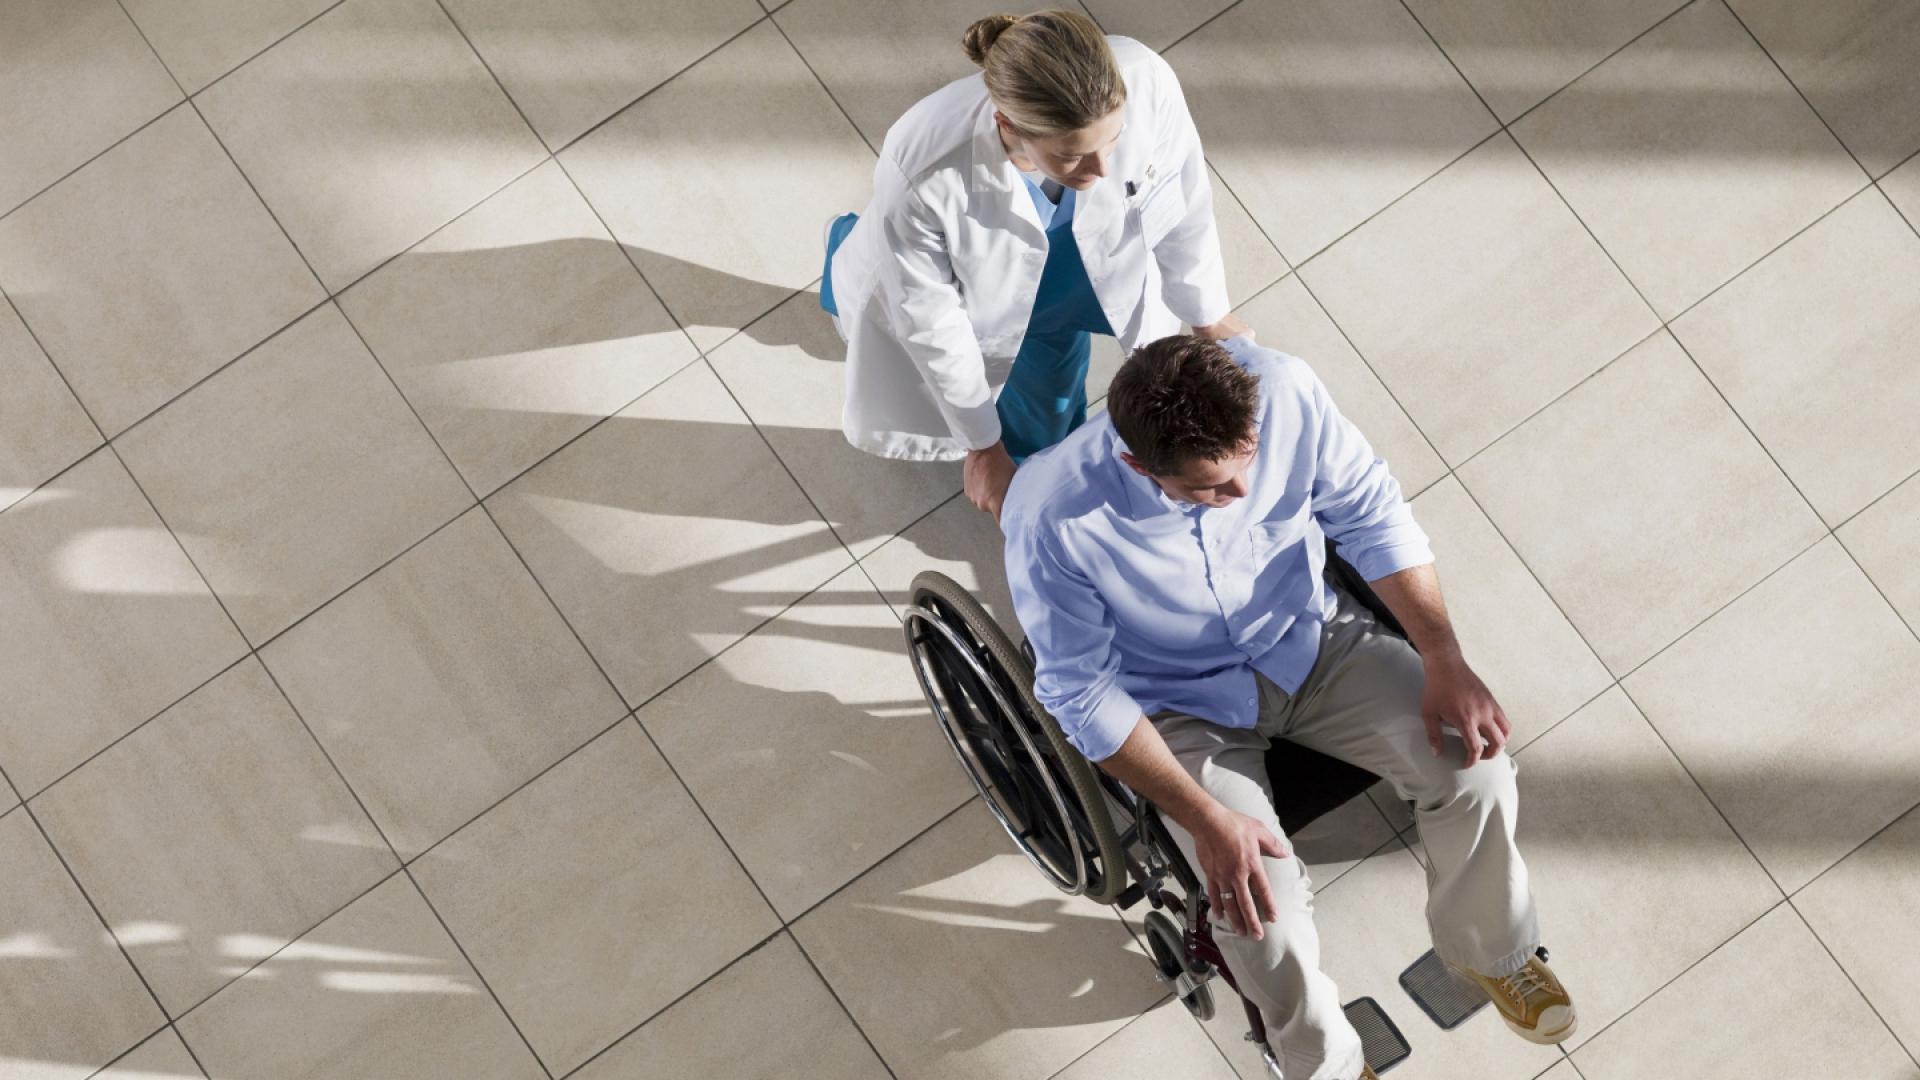 Ärztin schiebt Patient im Rollstuhl